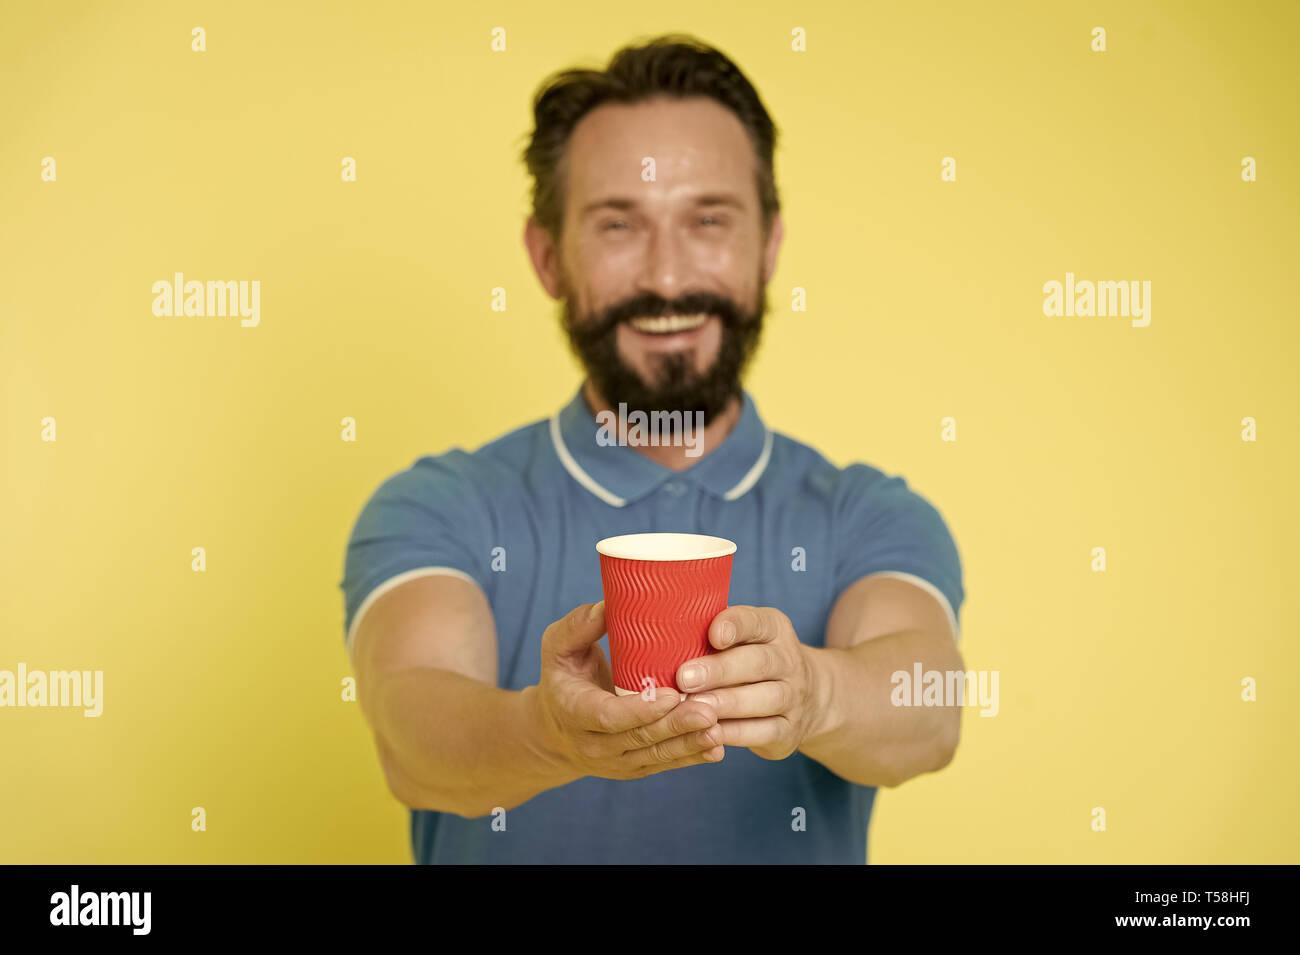 Guy barbe et moustache contient le papier une tasse de thé ou café. Offrir un verre pour vous. Soins Homme expérimenté formateur sur le bilan hydrique. Partager et générosité concept. Avoir une gorgée. Prenez-le si vous voulez boire. Photo Stock